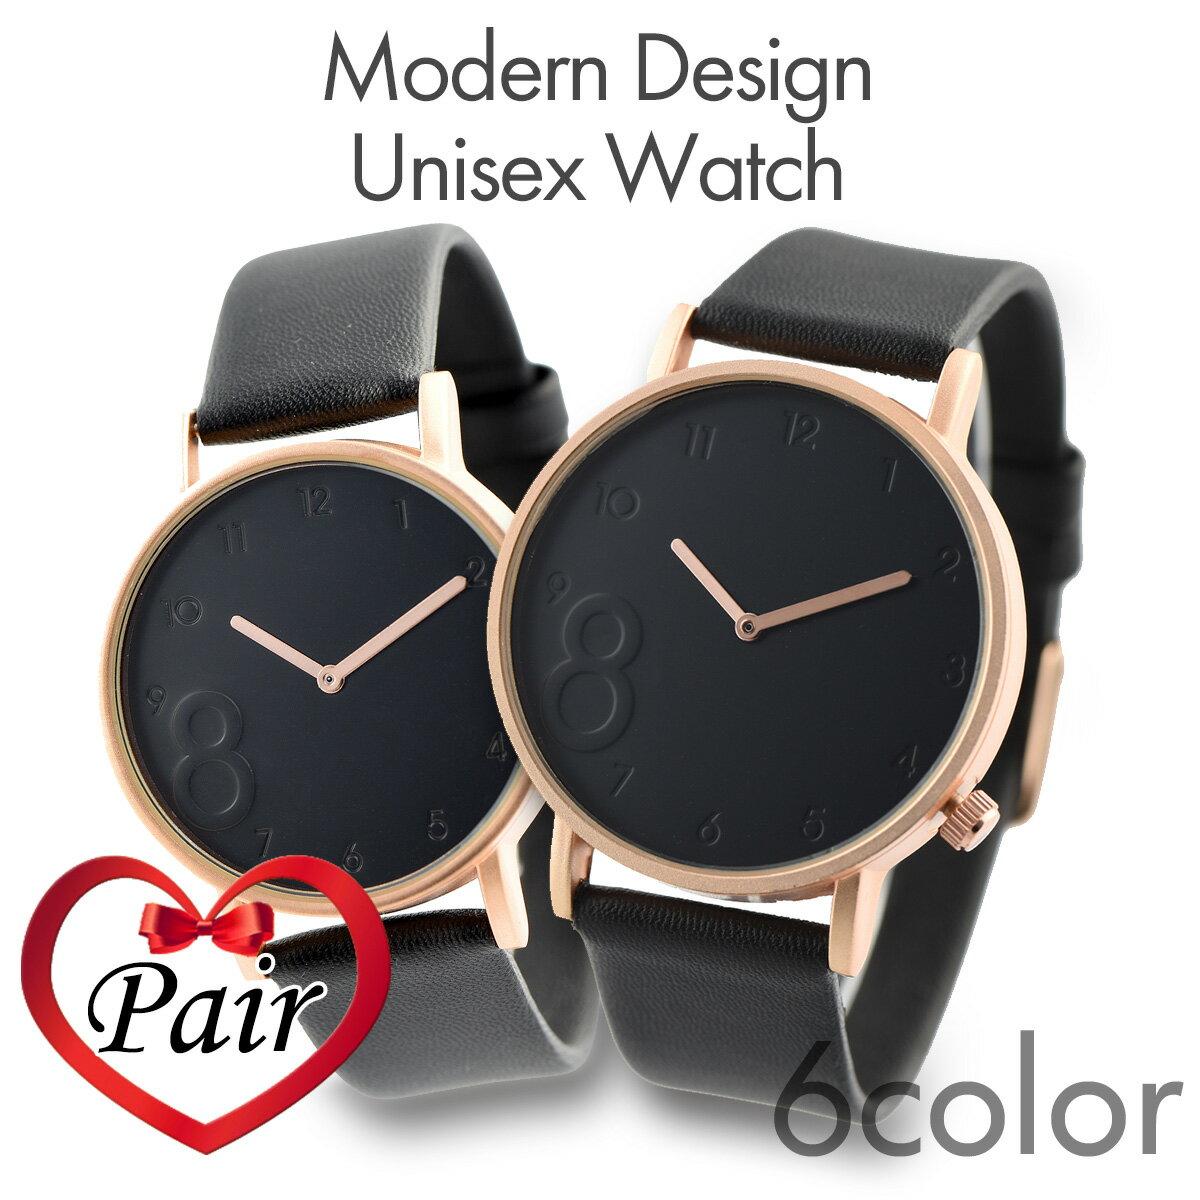 【ペア価格】 ペアウォッチ アナログ腕時計 おしゃれ シンプル メンズ レディース 北欧 お揃い プレゼント